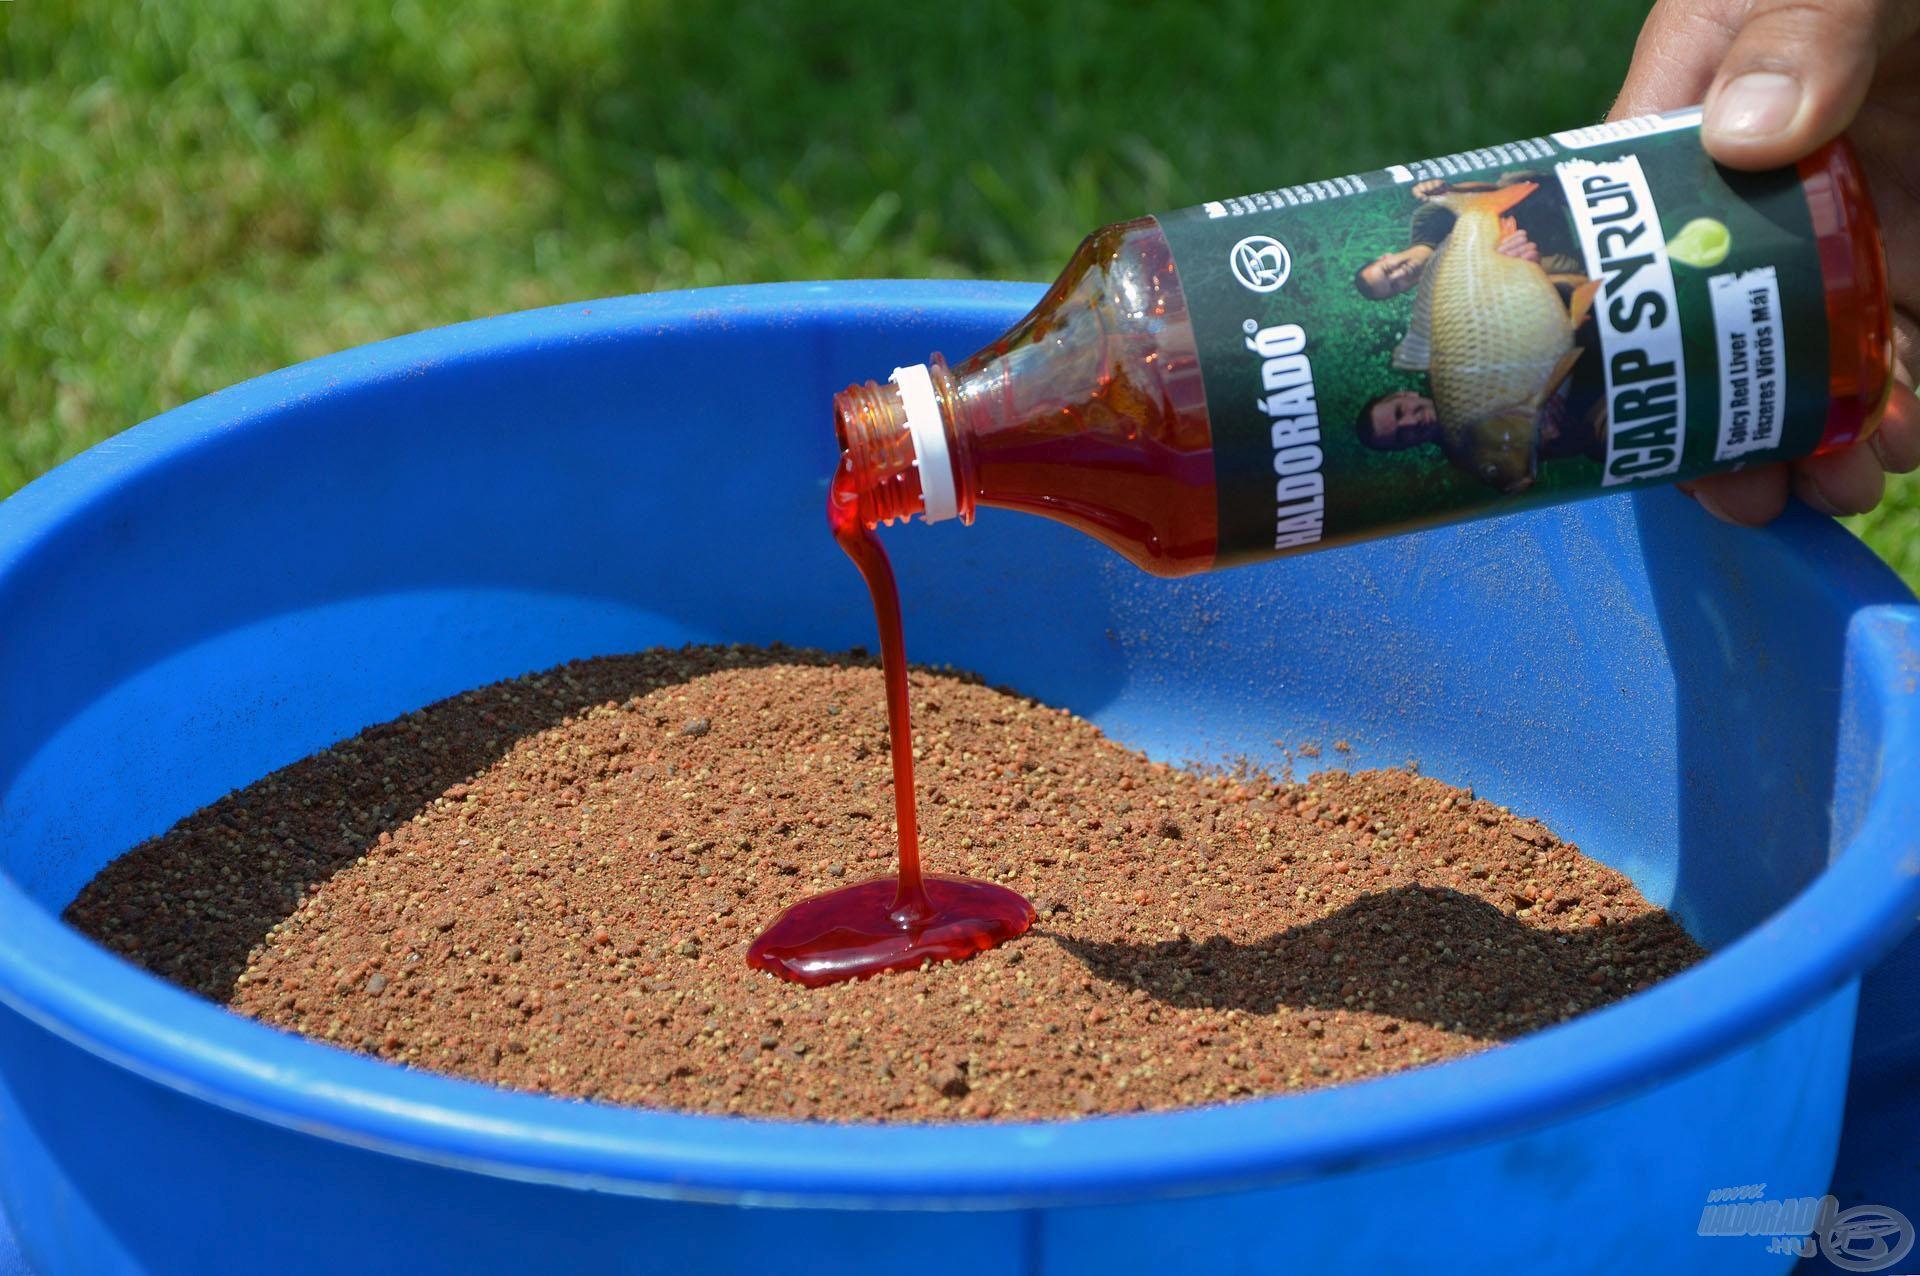 Ezek egyvelege tökéletes összhangban van a Fűszeres Vörös Máj Carp Syrup aromával